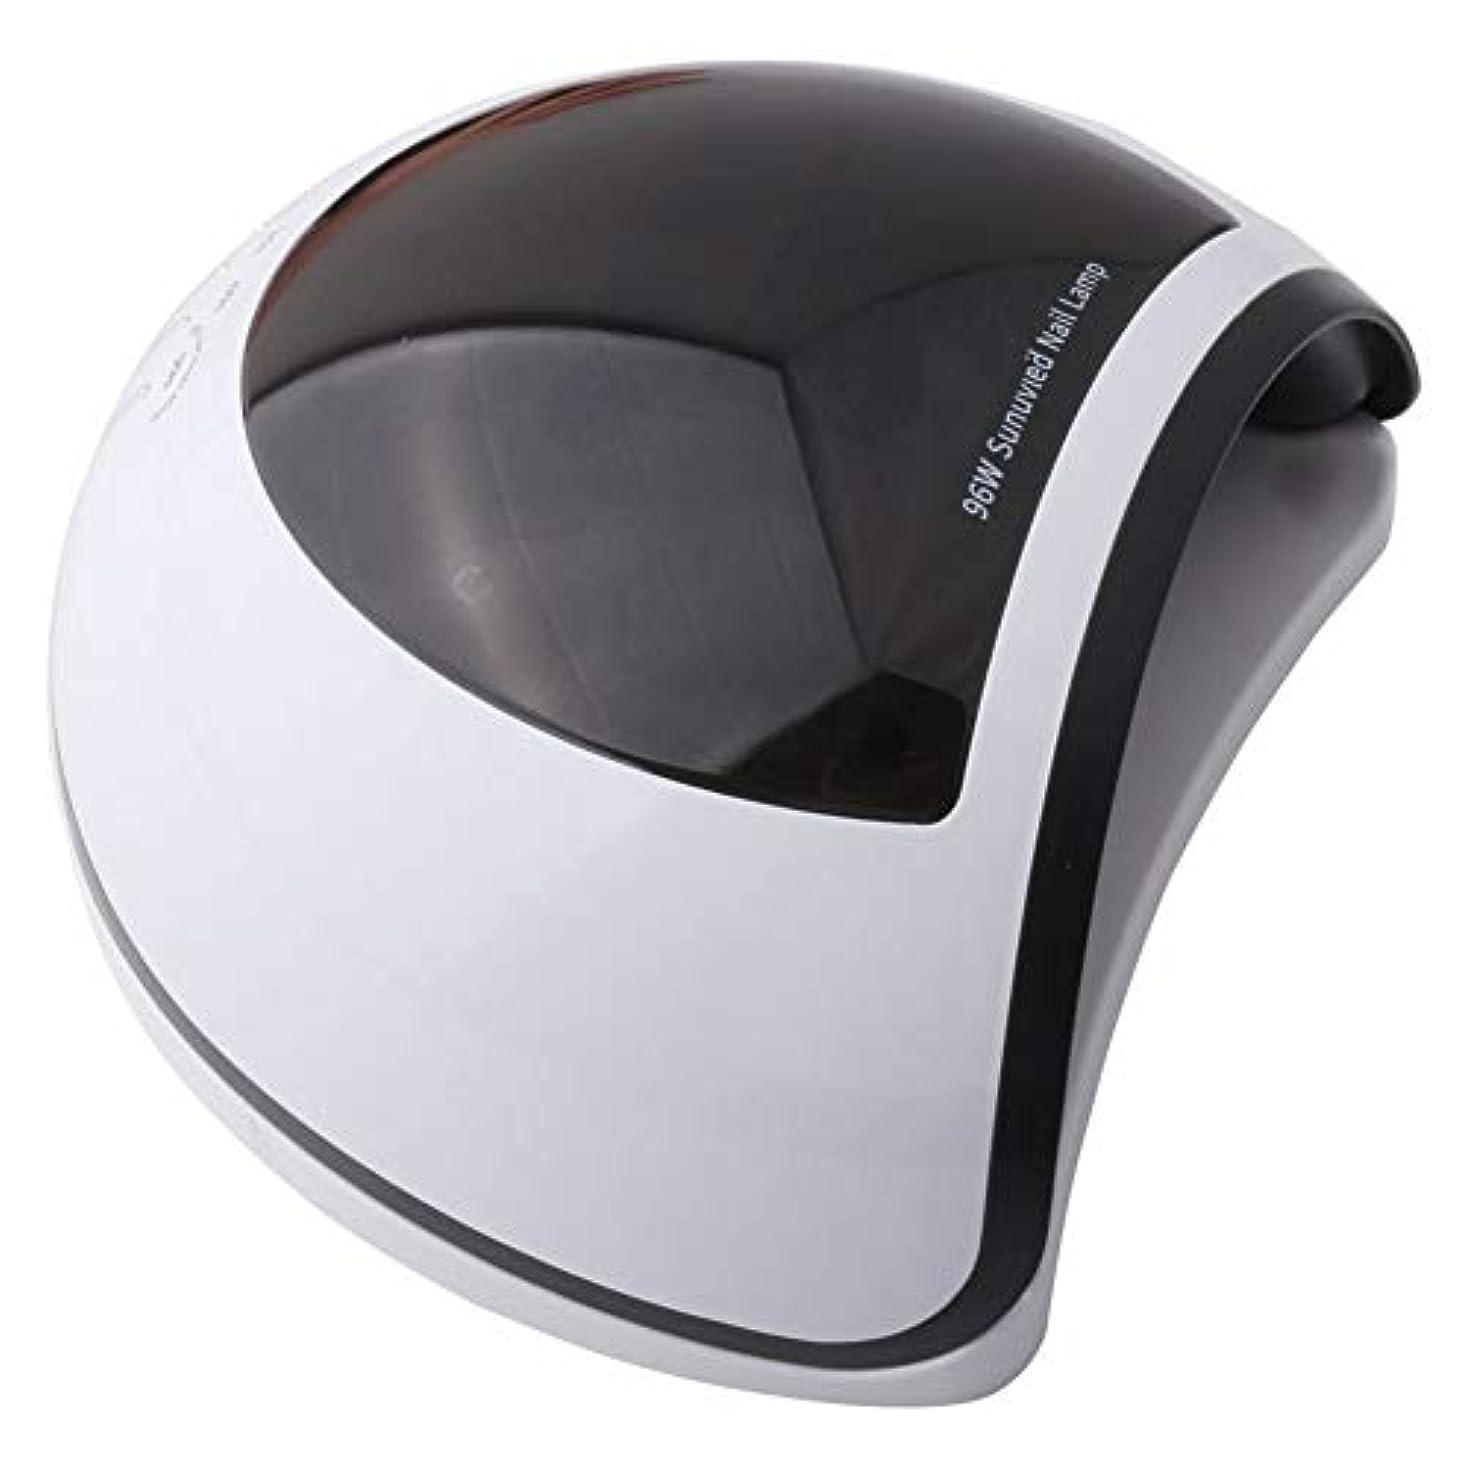 ヘロインターゲット道徳ネイルドライヤー - 光線療法ネイルマシン96Wハイパワーマルチスピードタイミング無痛モード速硬化ランプ